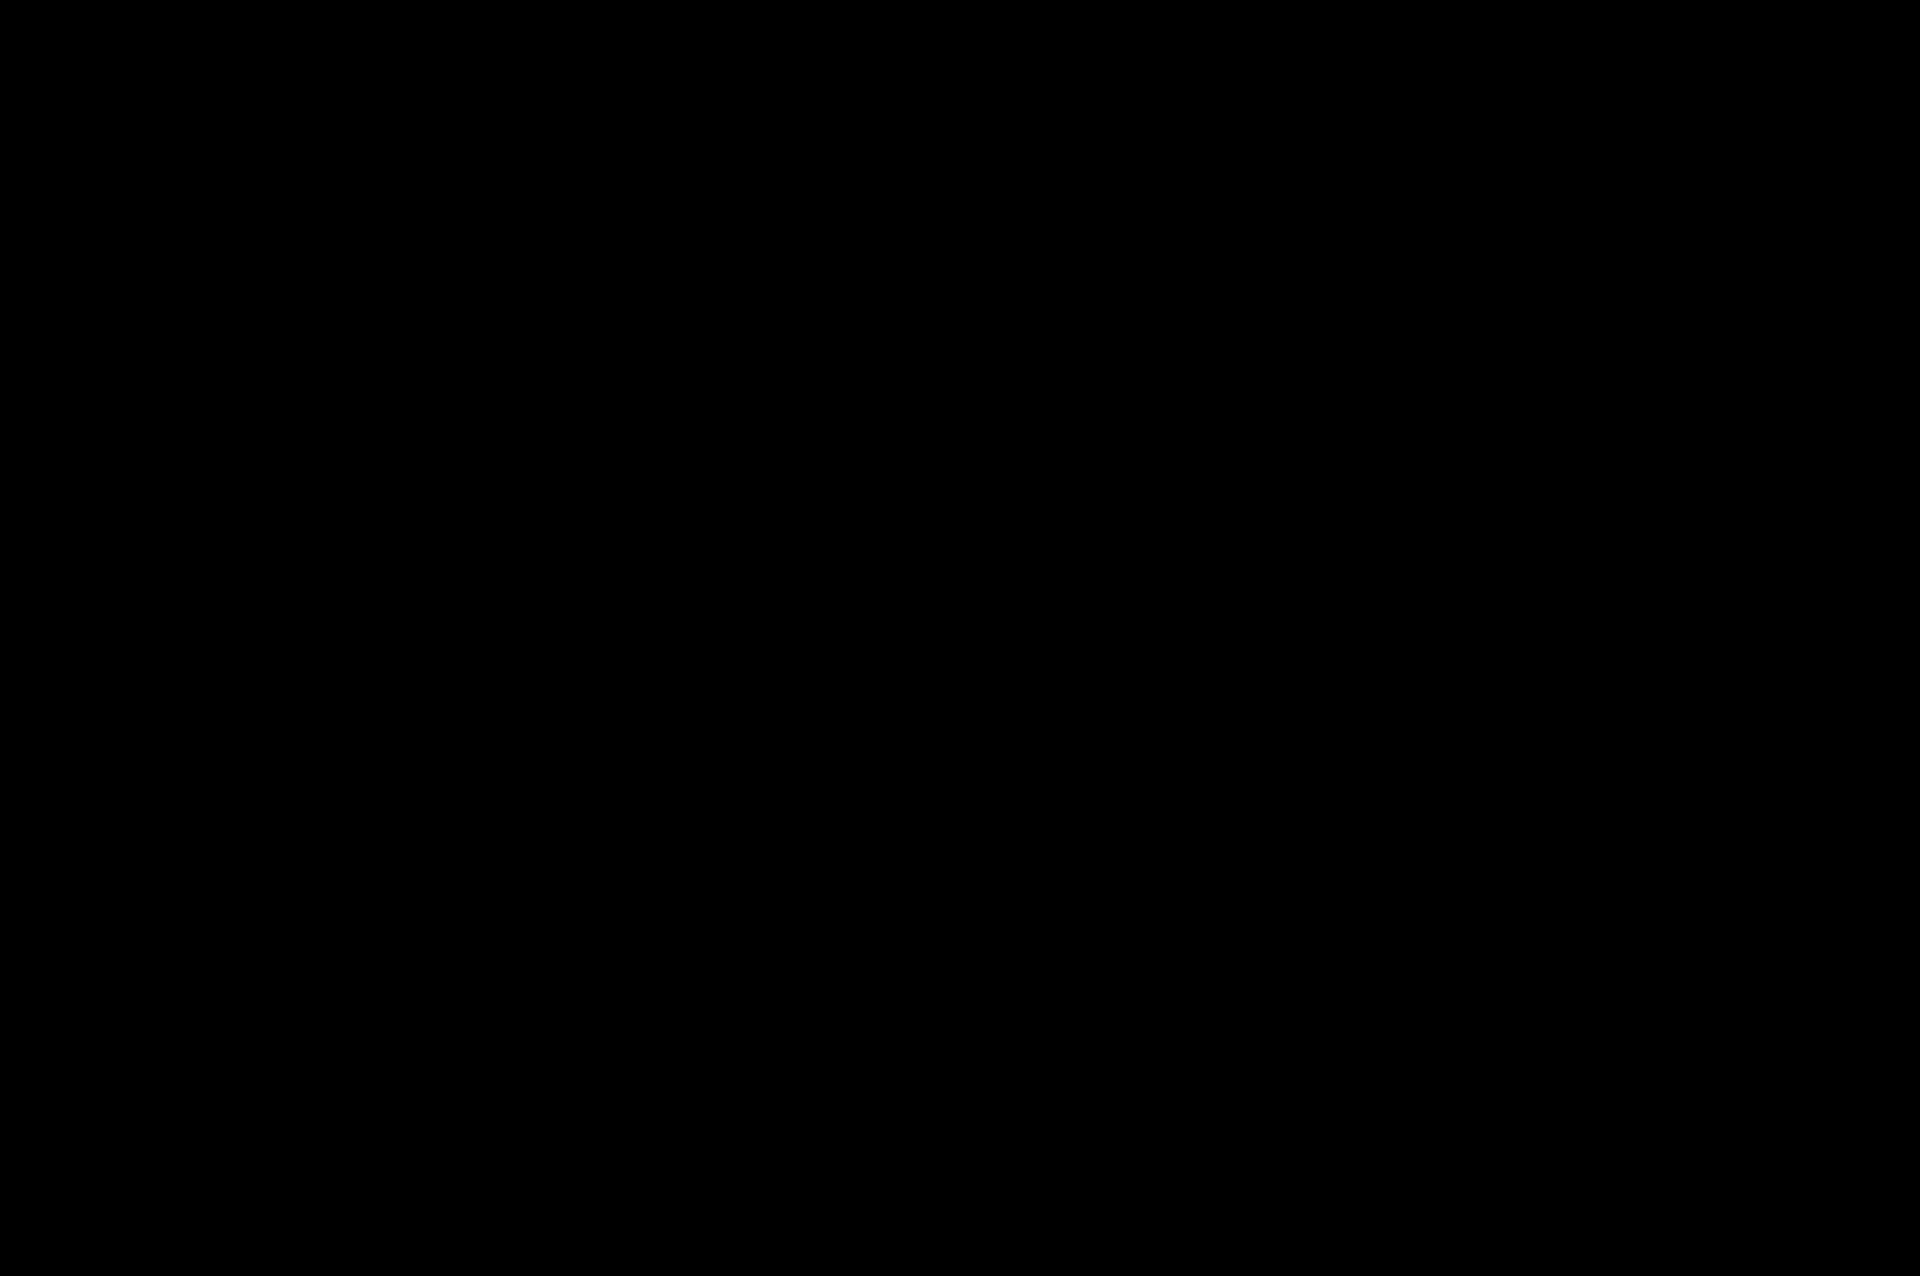 211系(高崎地区)の型紙